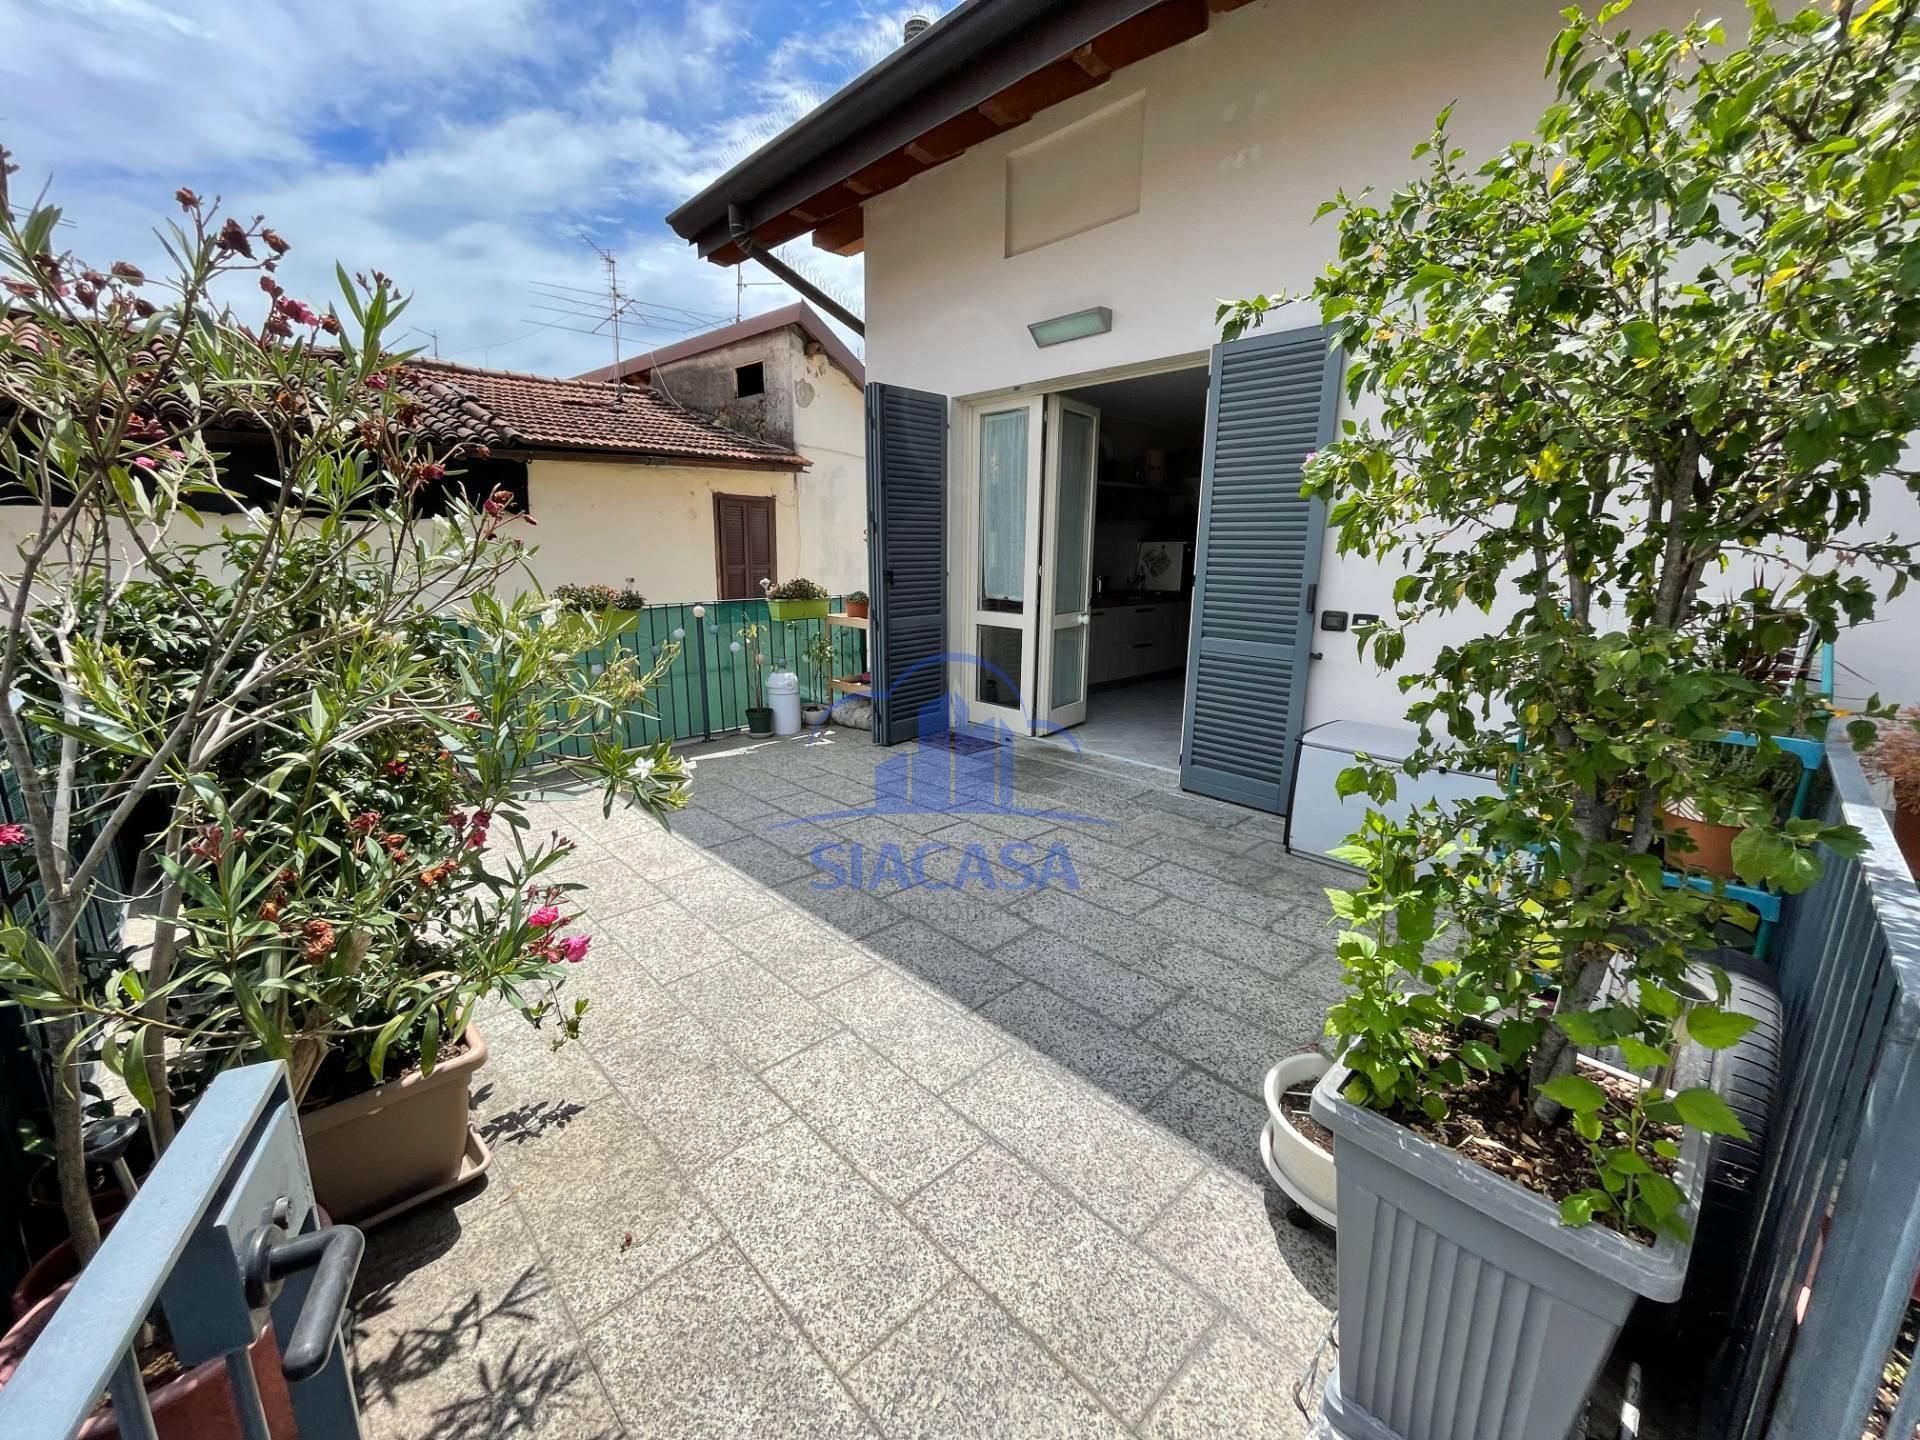 Appartamento in vendita a Cornate d'Adda, 2 locali, prezzo € 98.000 | PortaleAgenzieImmobiliari.it